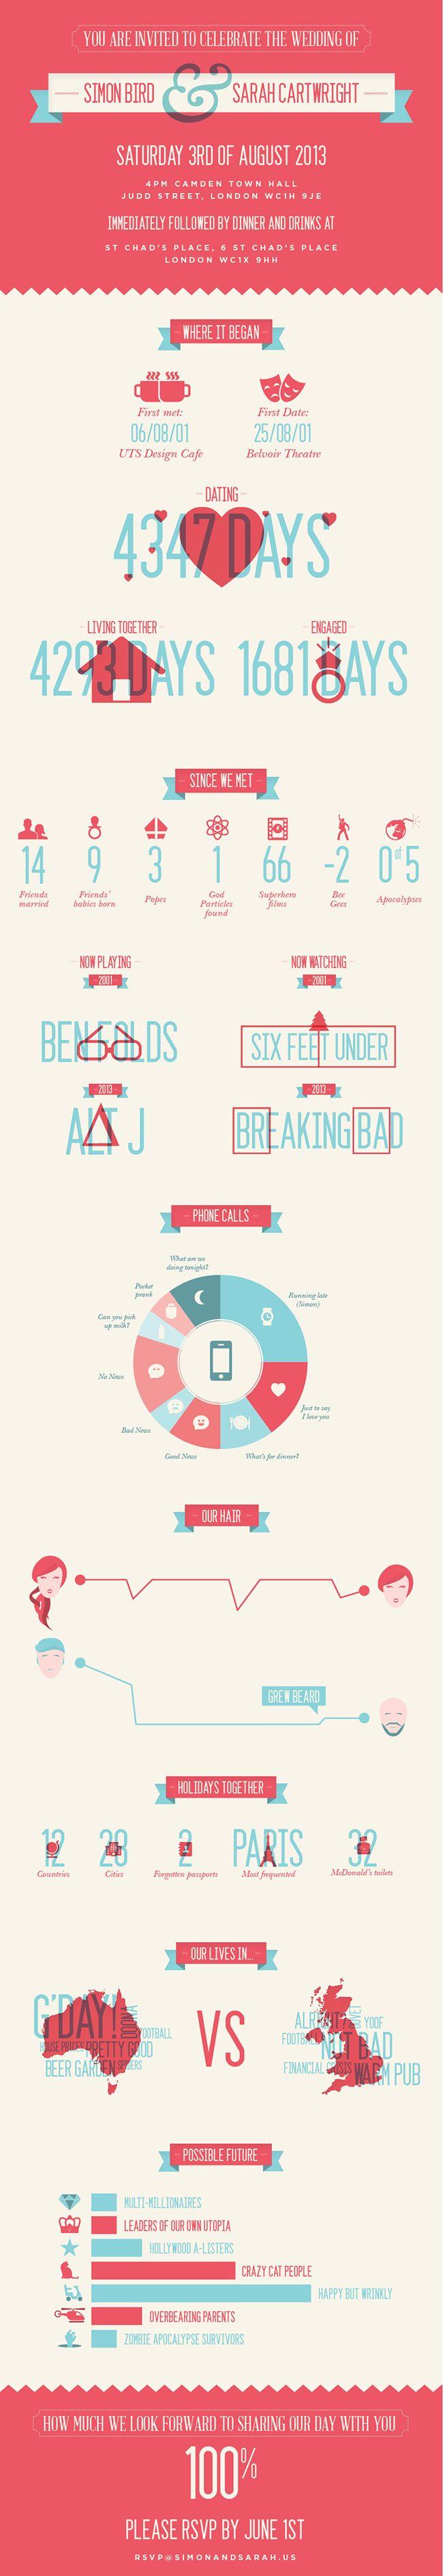 grafiker.de - Die Infografik, die eigentlich eine Hochzeitseinladung ist